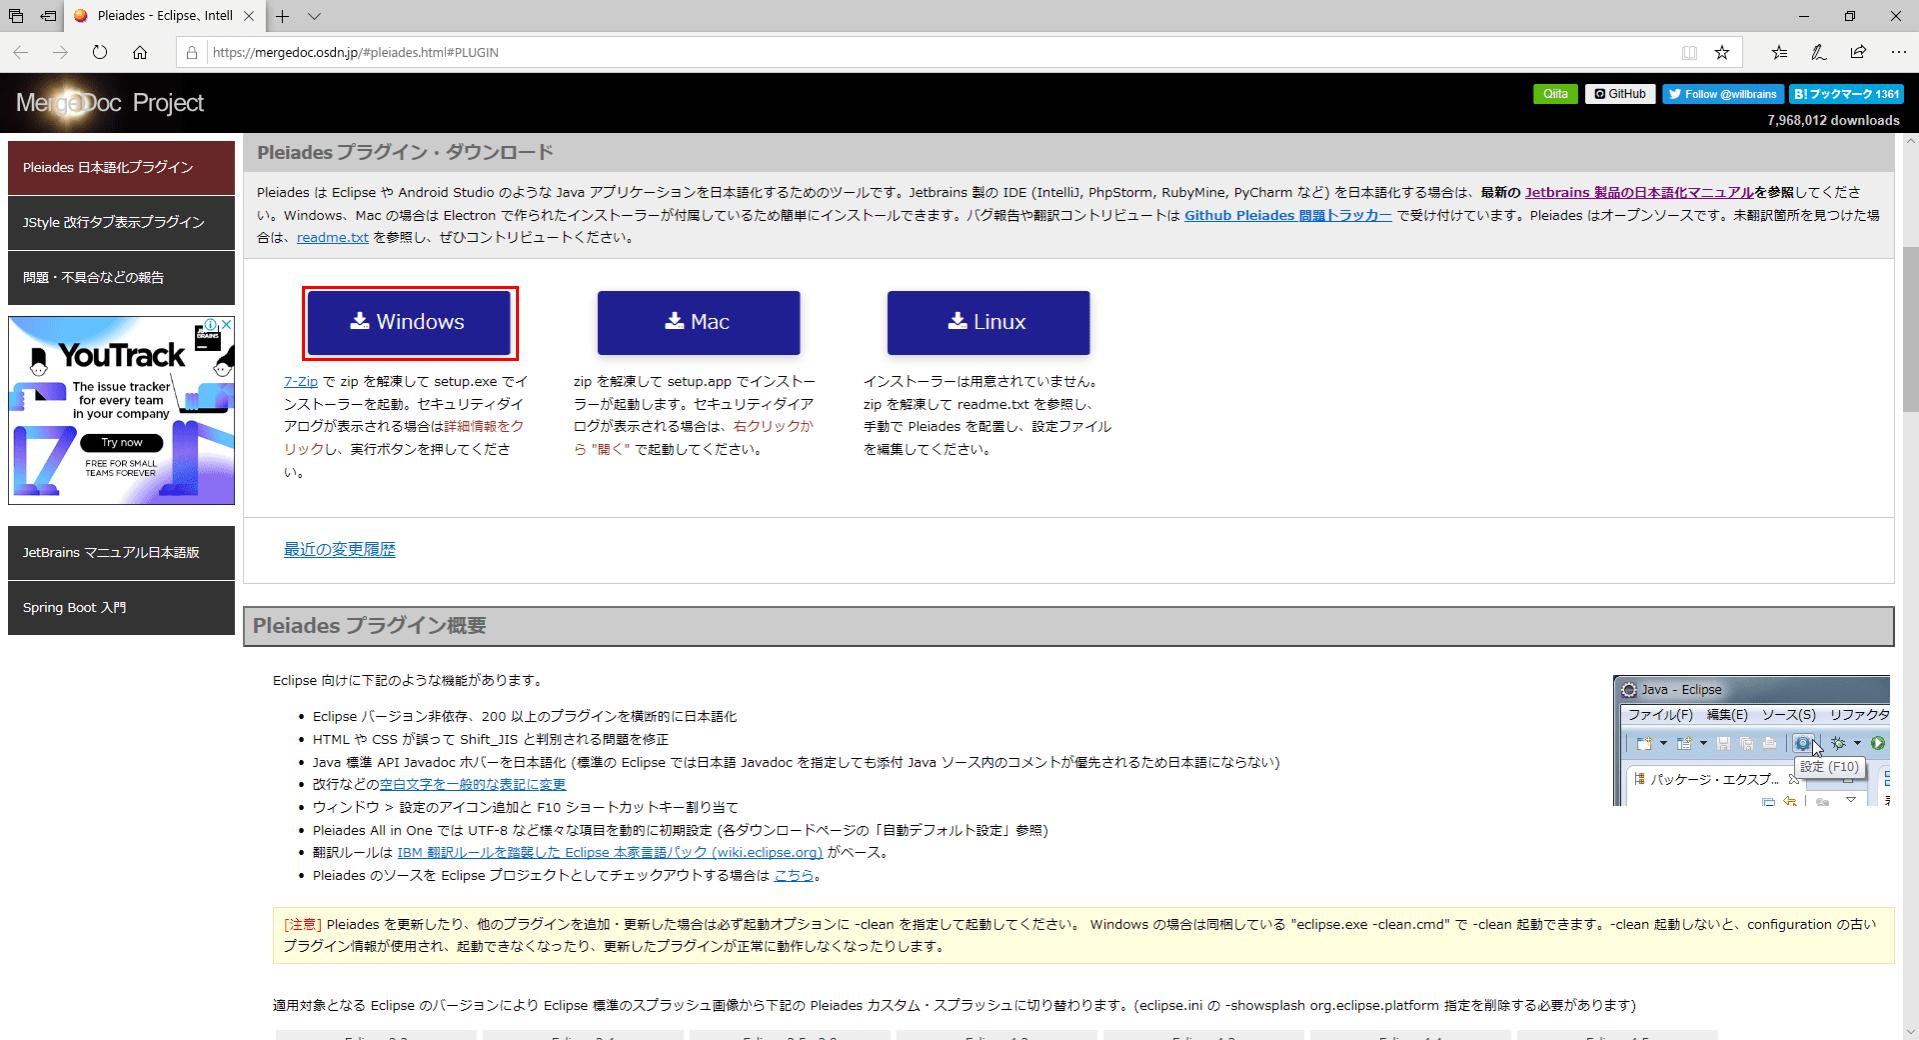 PyCharm日本語化_3